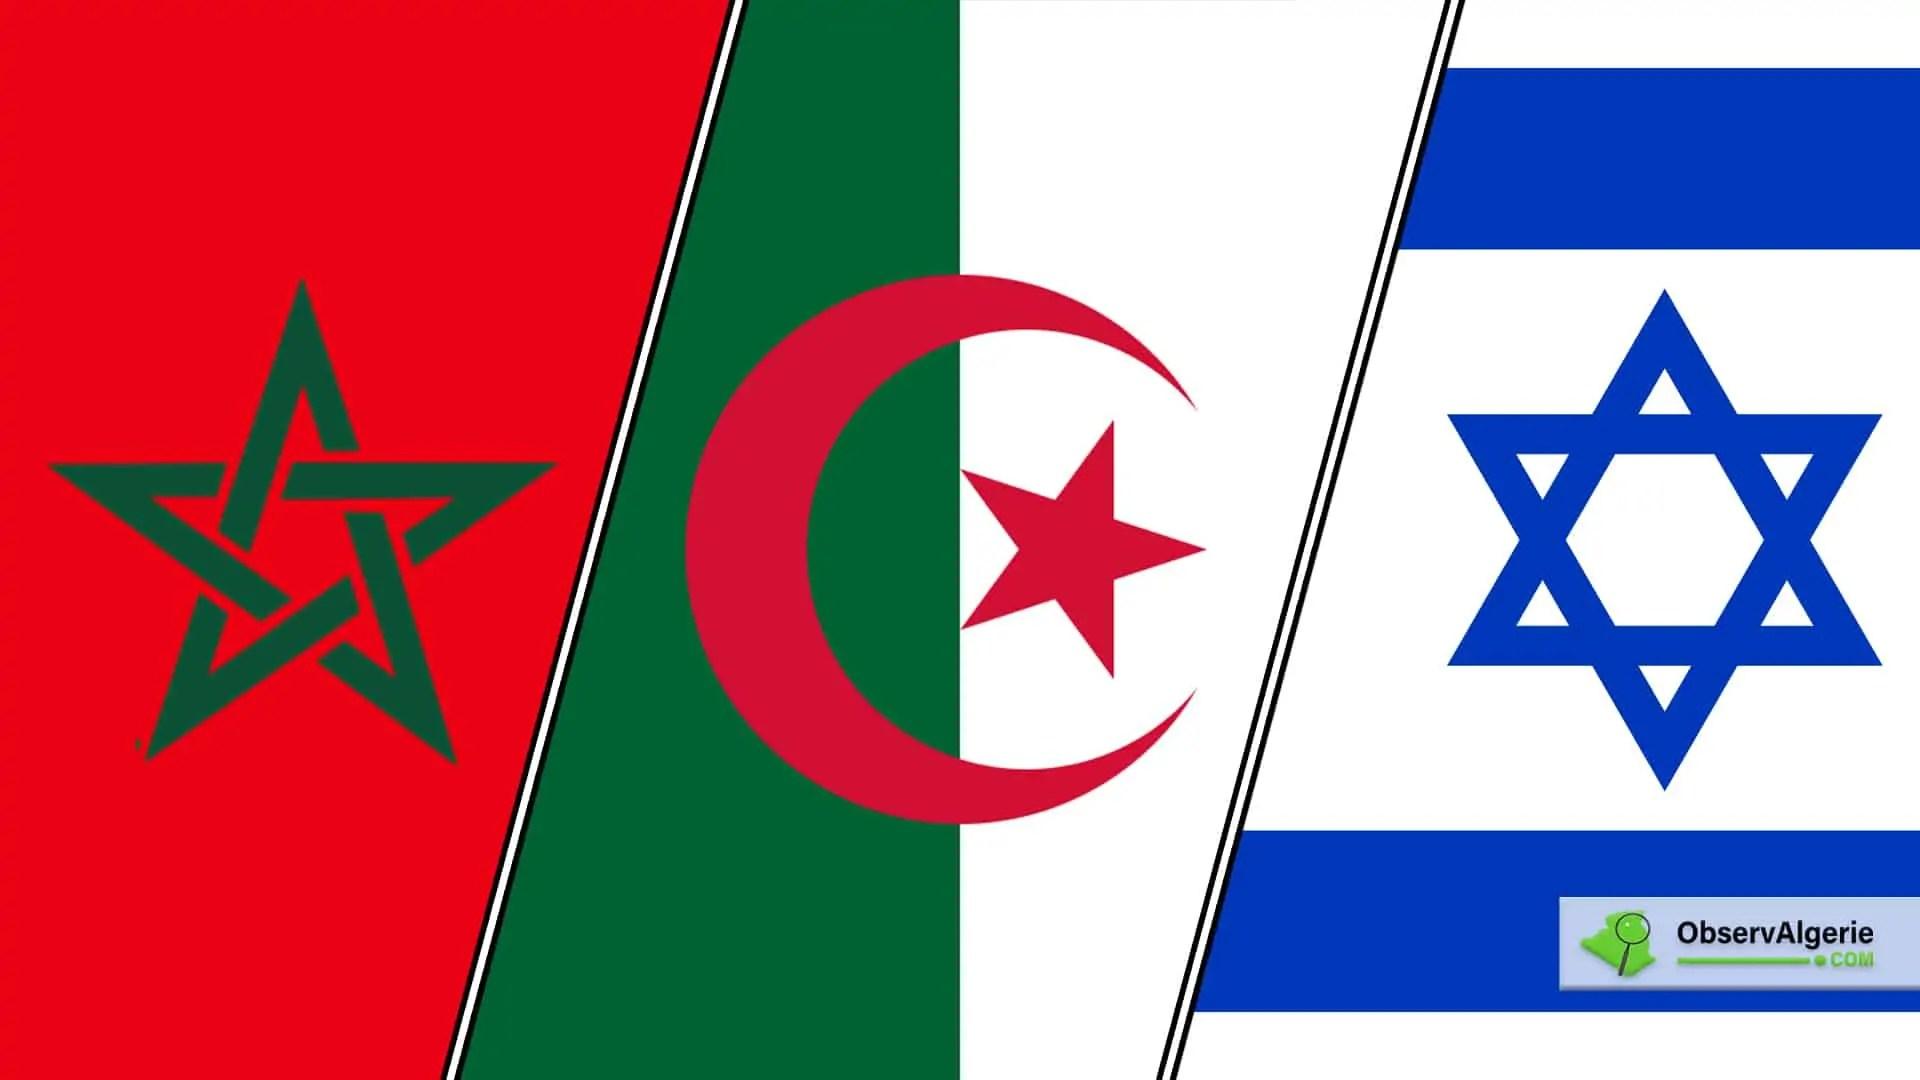 Guerre médiatique entre l'Algérie et le Maroc : La presse israélienne s'en mêle